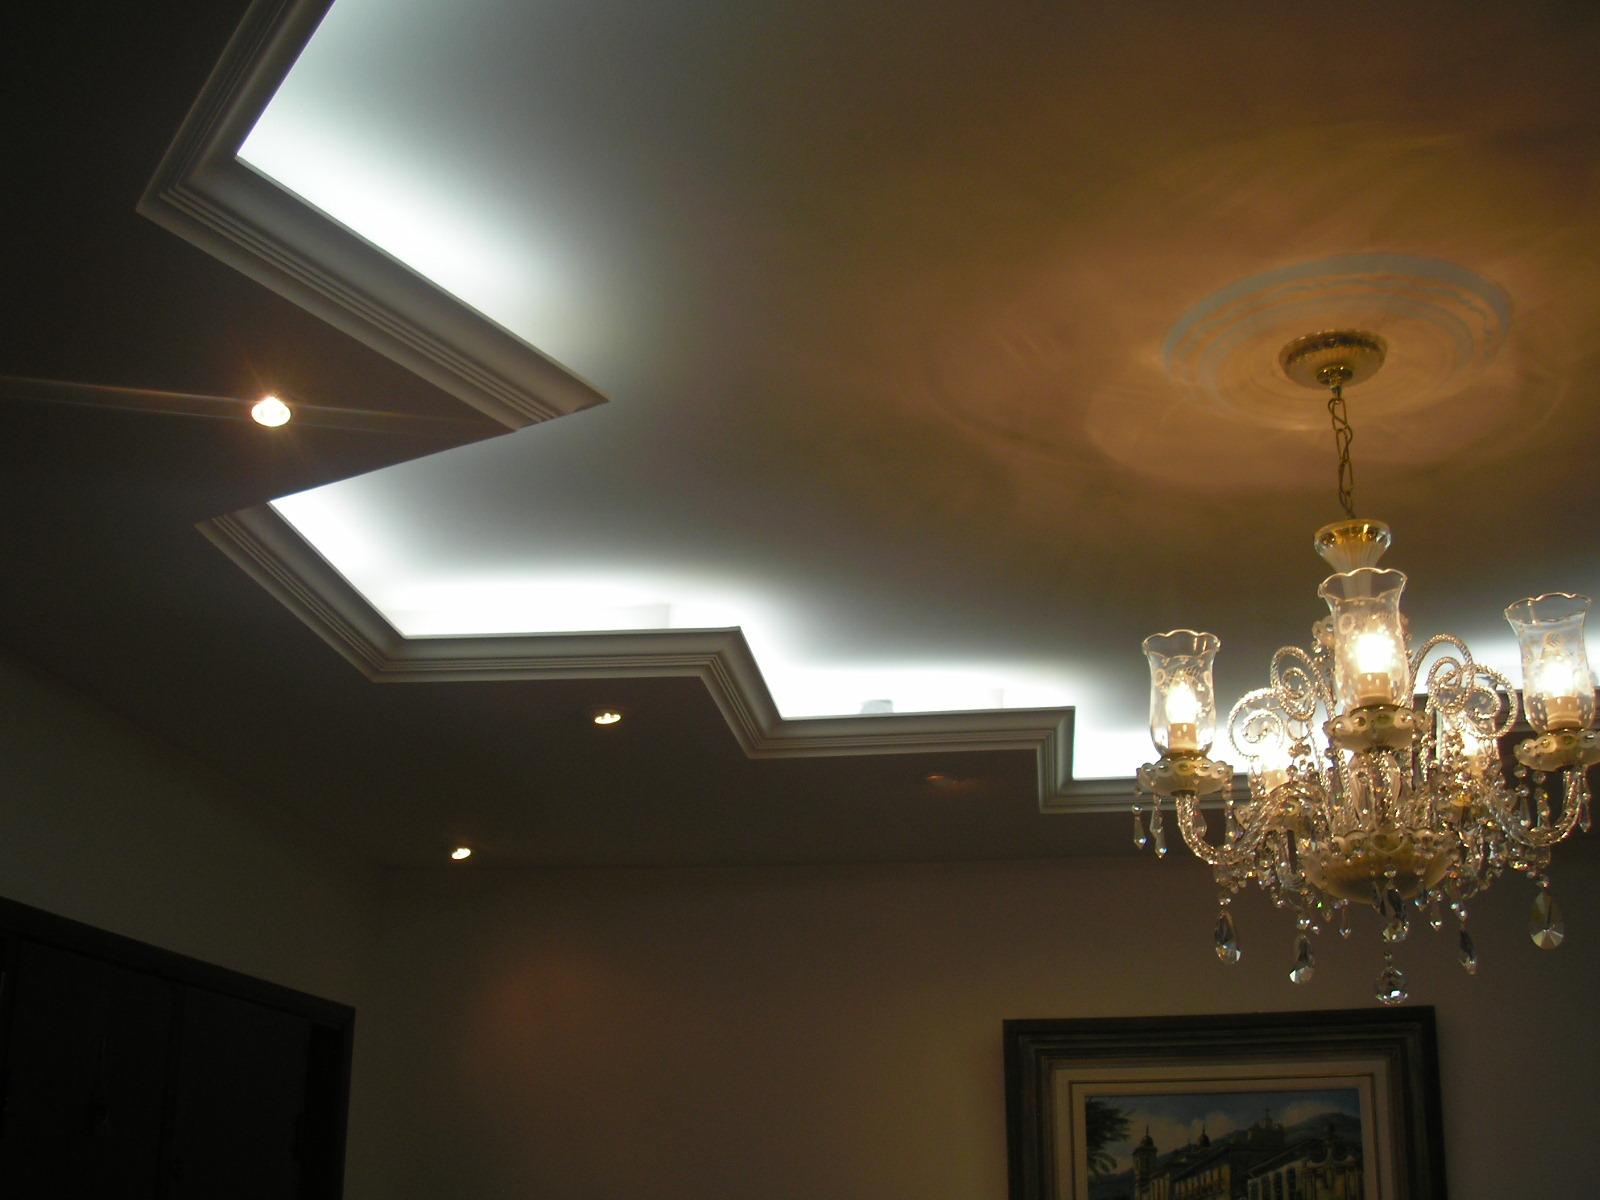 fotos de decoracao de interiores em gesso:Fonte: Alderige Gessos e Texturas